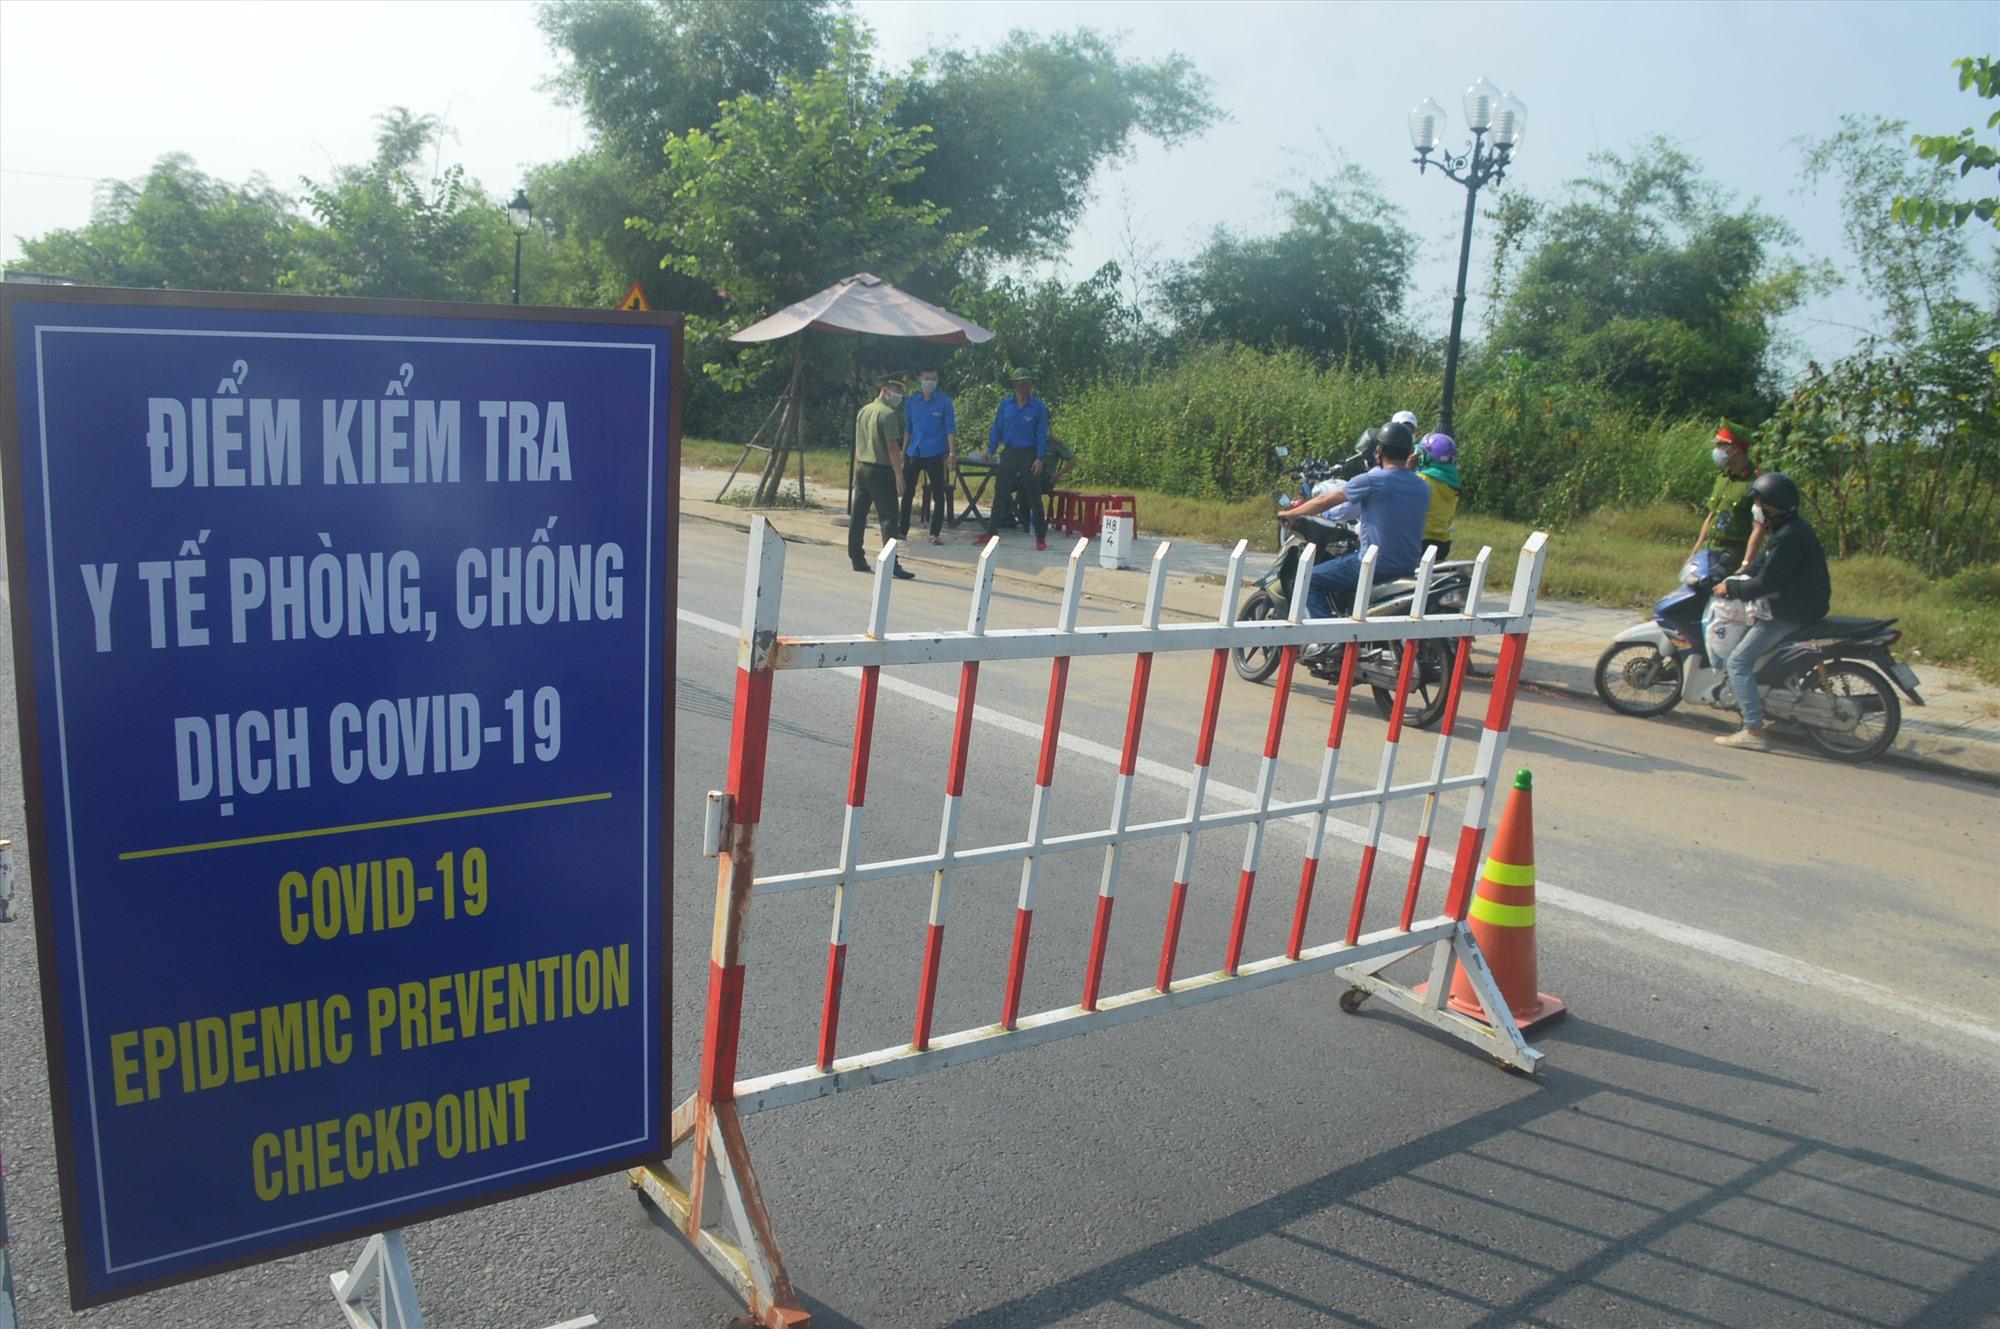 Một chốt kiểm soát do UBND TP.Hội An thành lập tại ngã ba Lai Nghi. Ảnh: Q.T